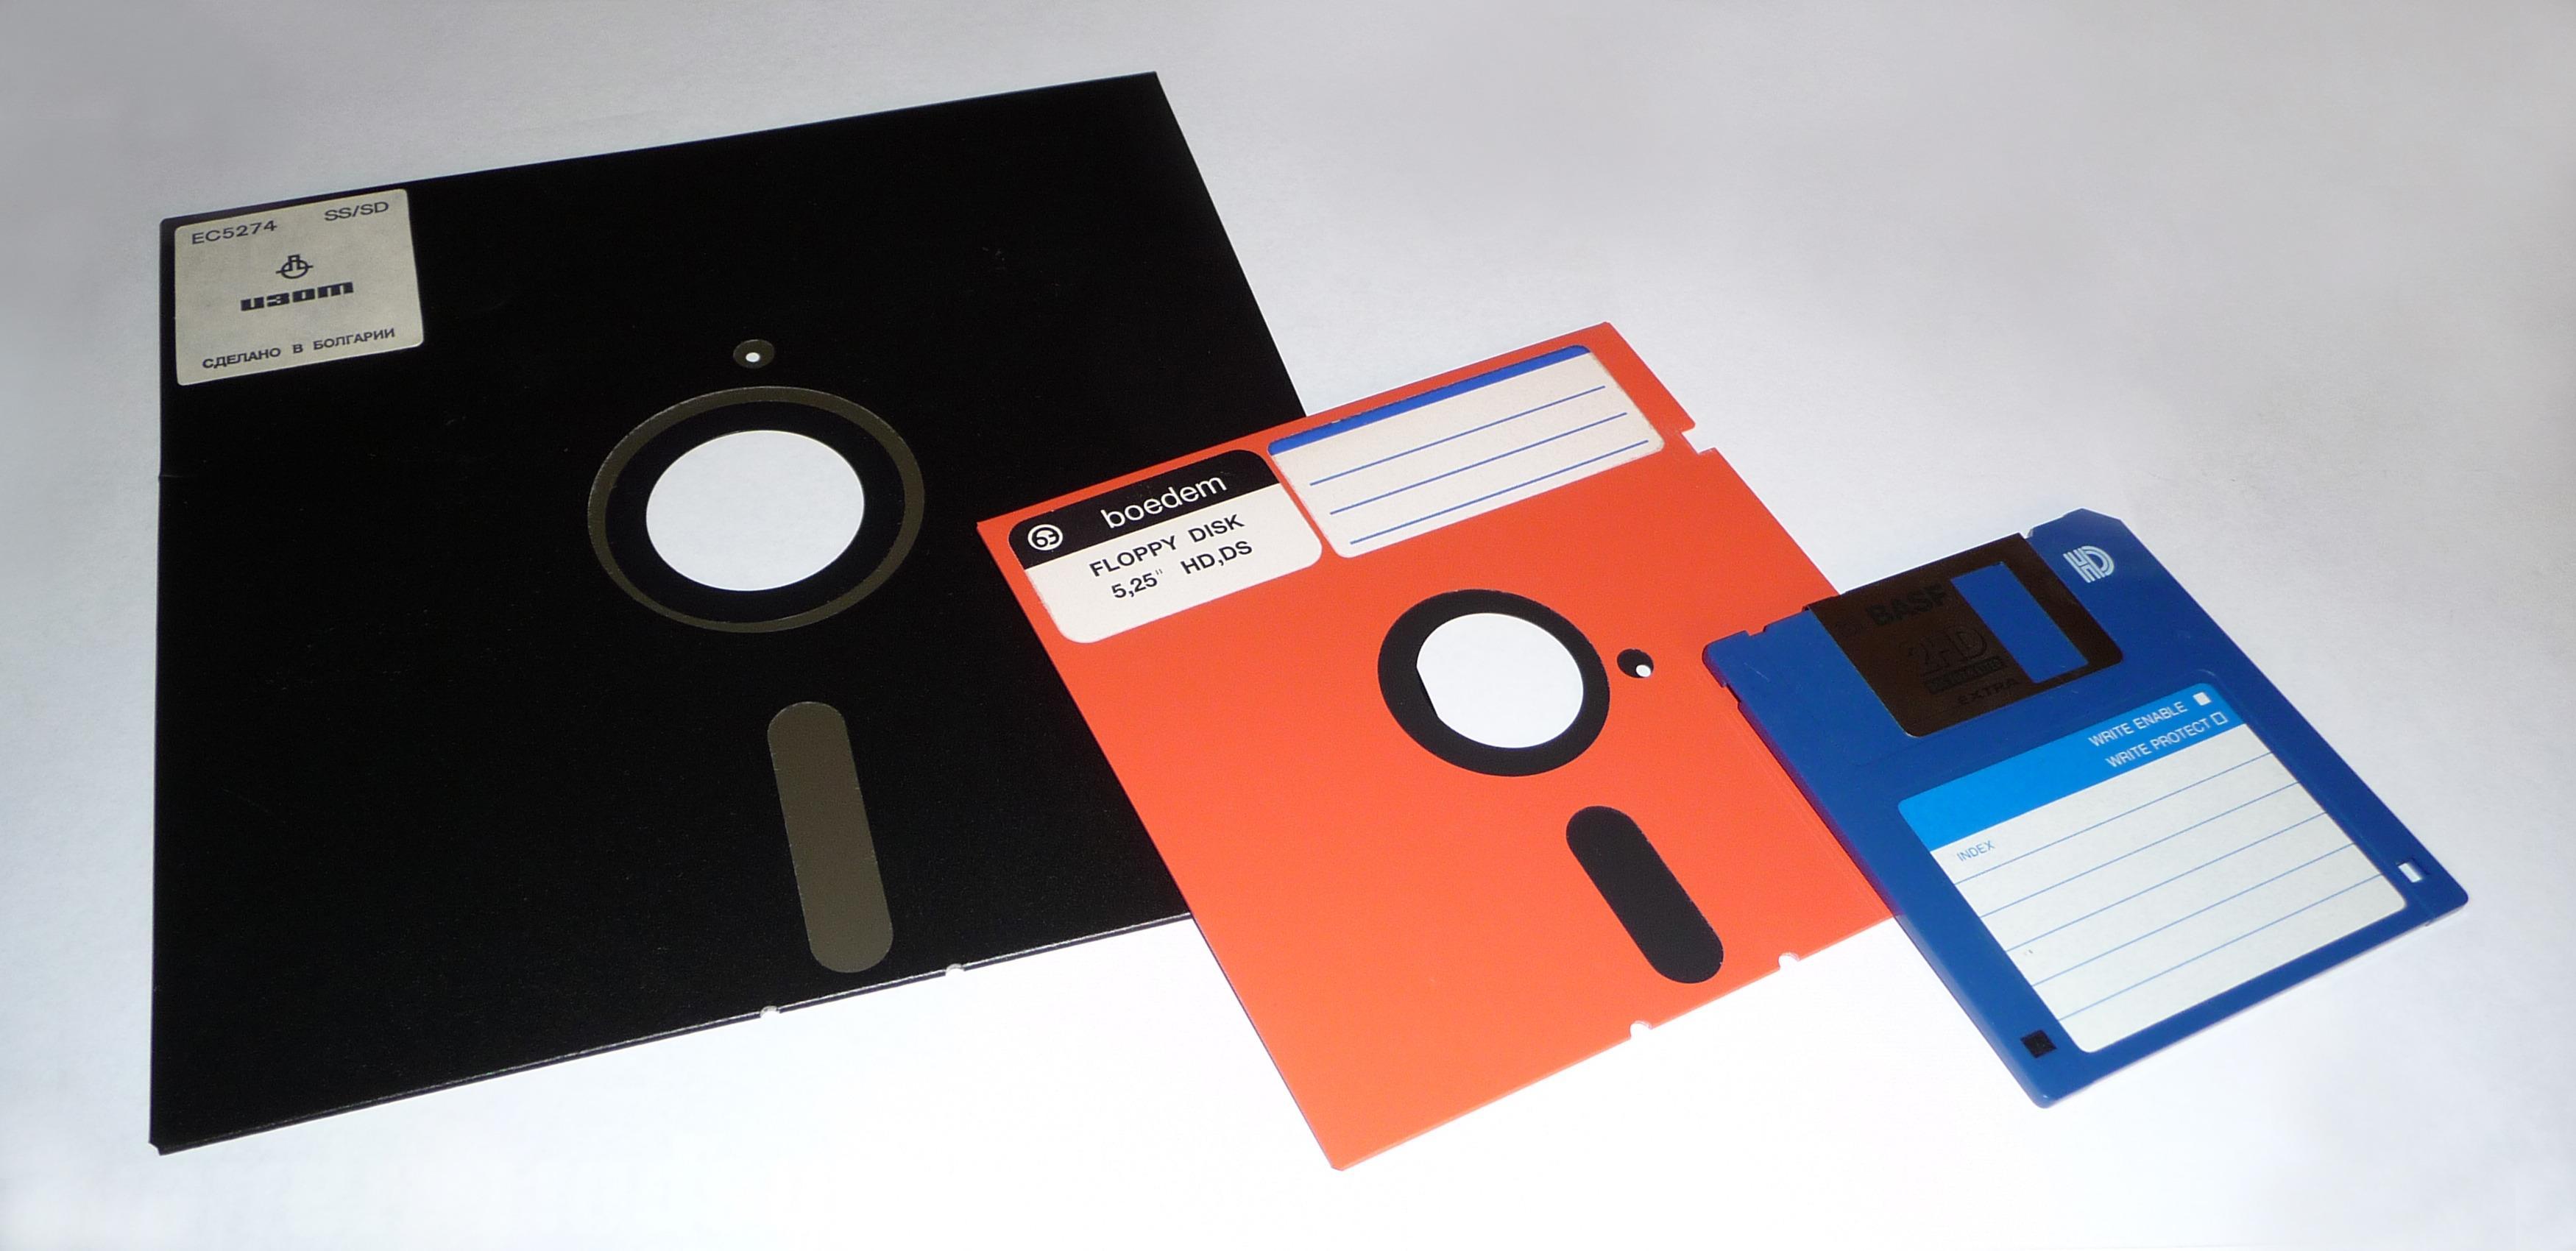 Disketten ble mer transportvennlig da den krympet fra åtte til fem og en kvart tomme (rød floppydisk). Til høyre en nyere 3,5-tommers diskett. Foto: George Chernilevsky / Wikimedia Commons